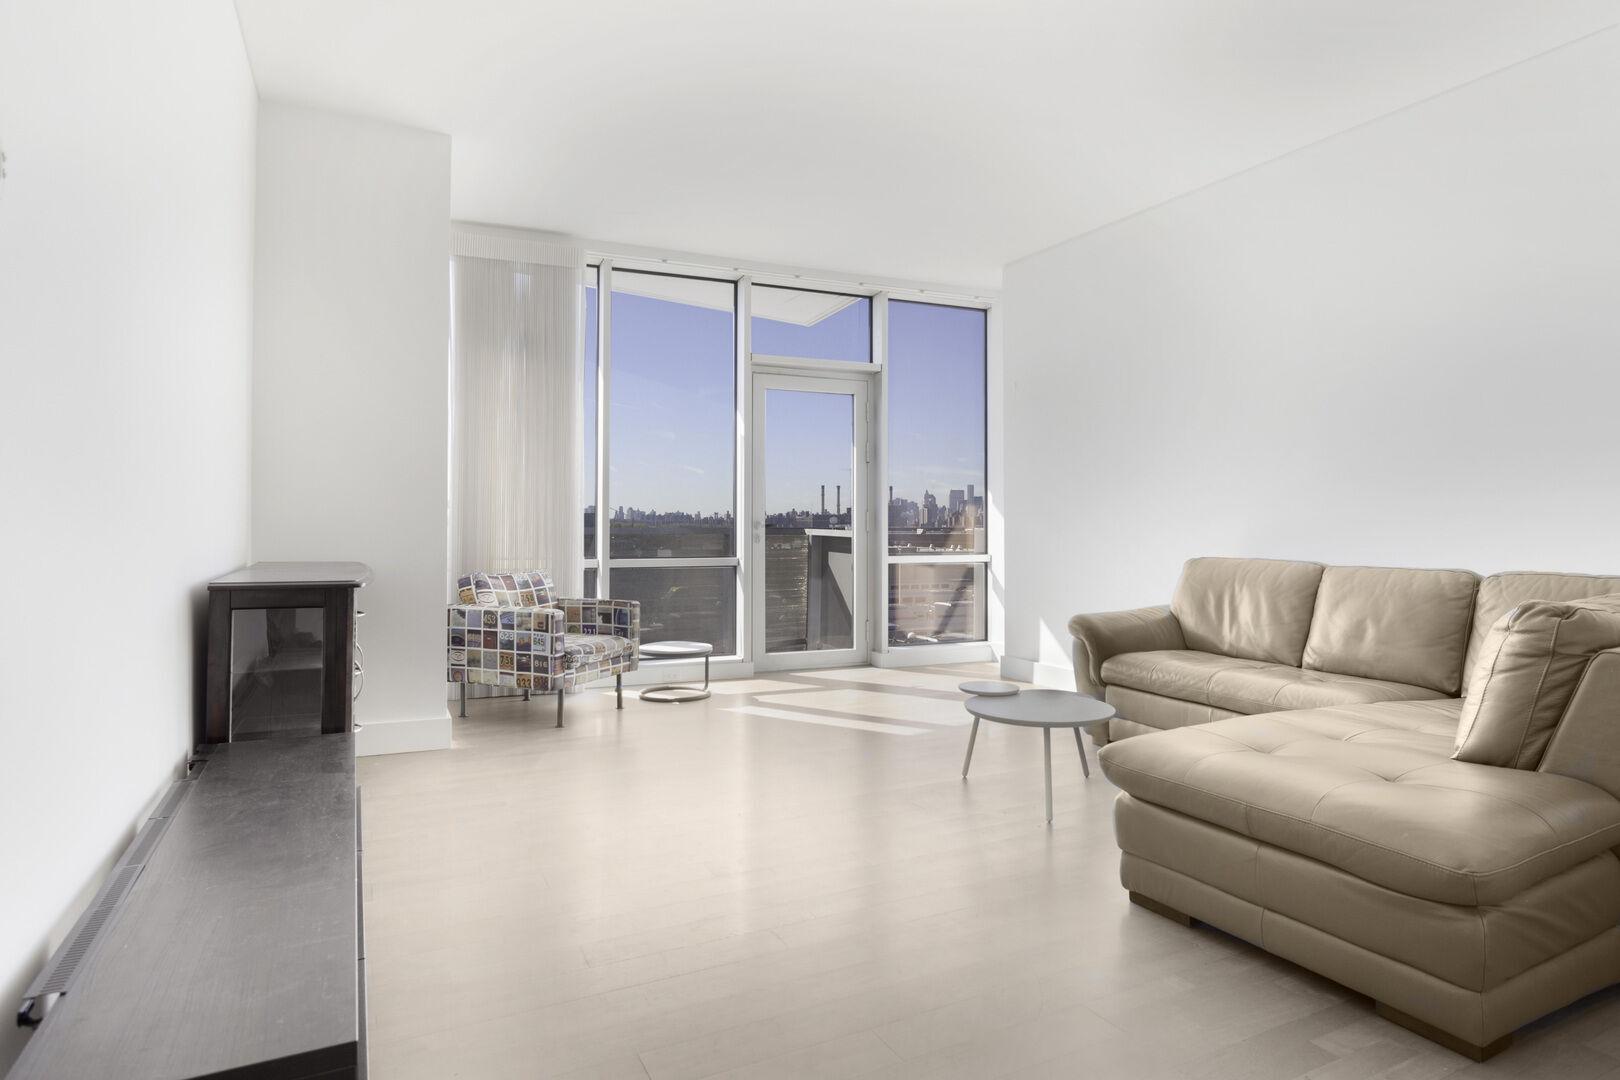 Apartment for sale at 5-19 Borden Avenue, Apt 3-E